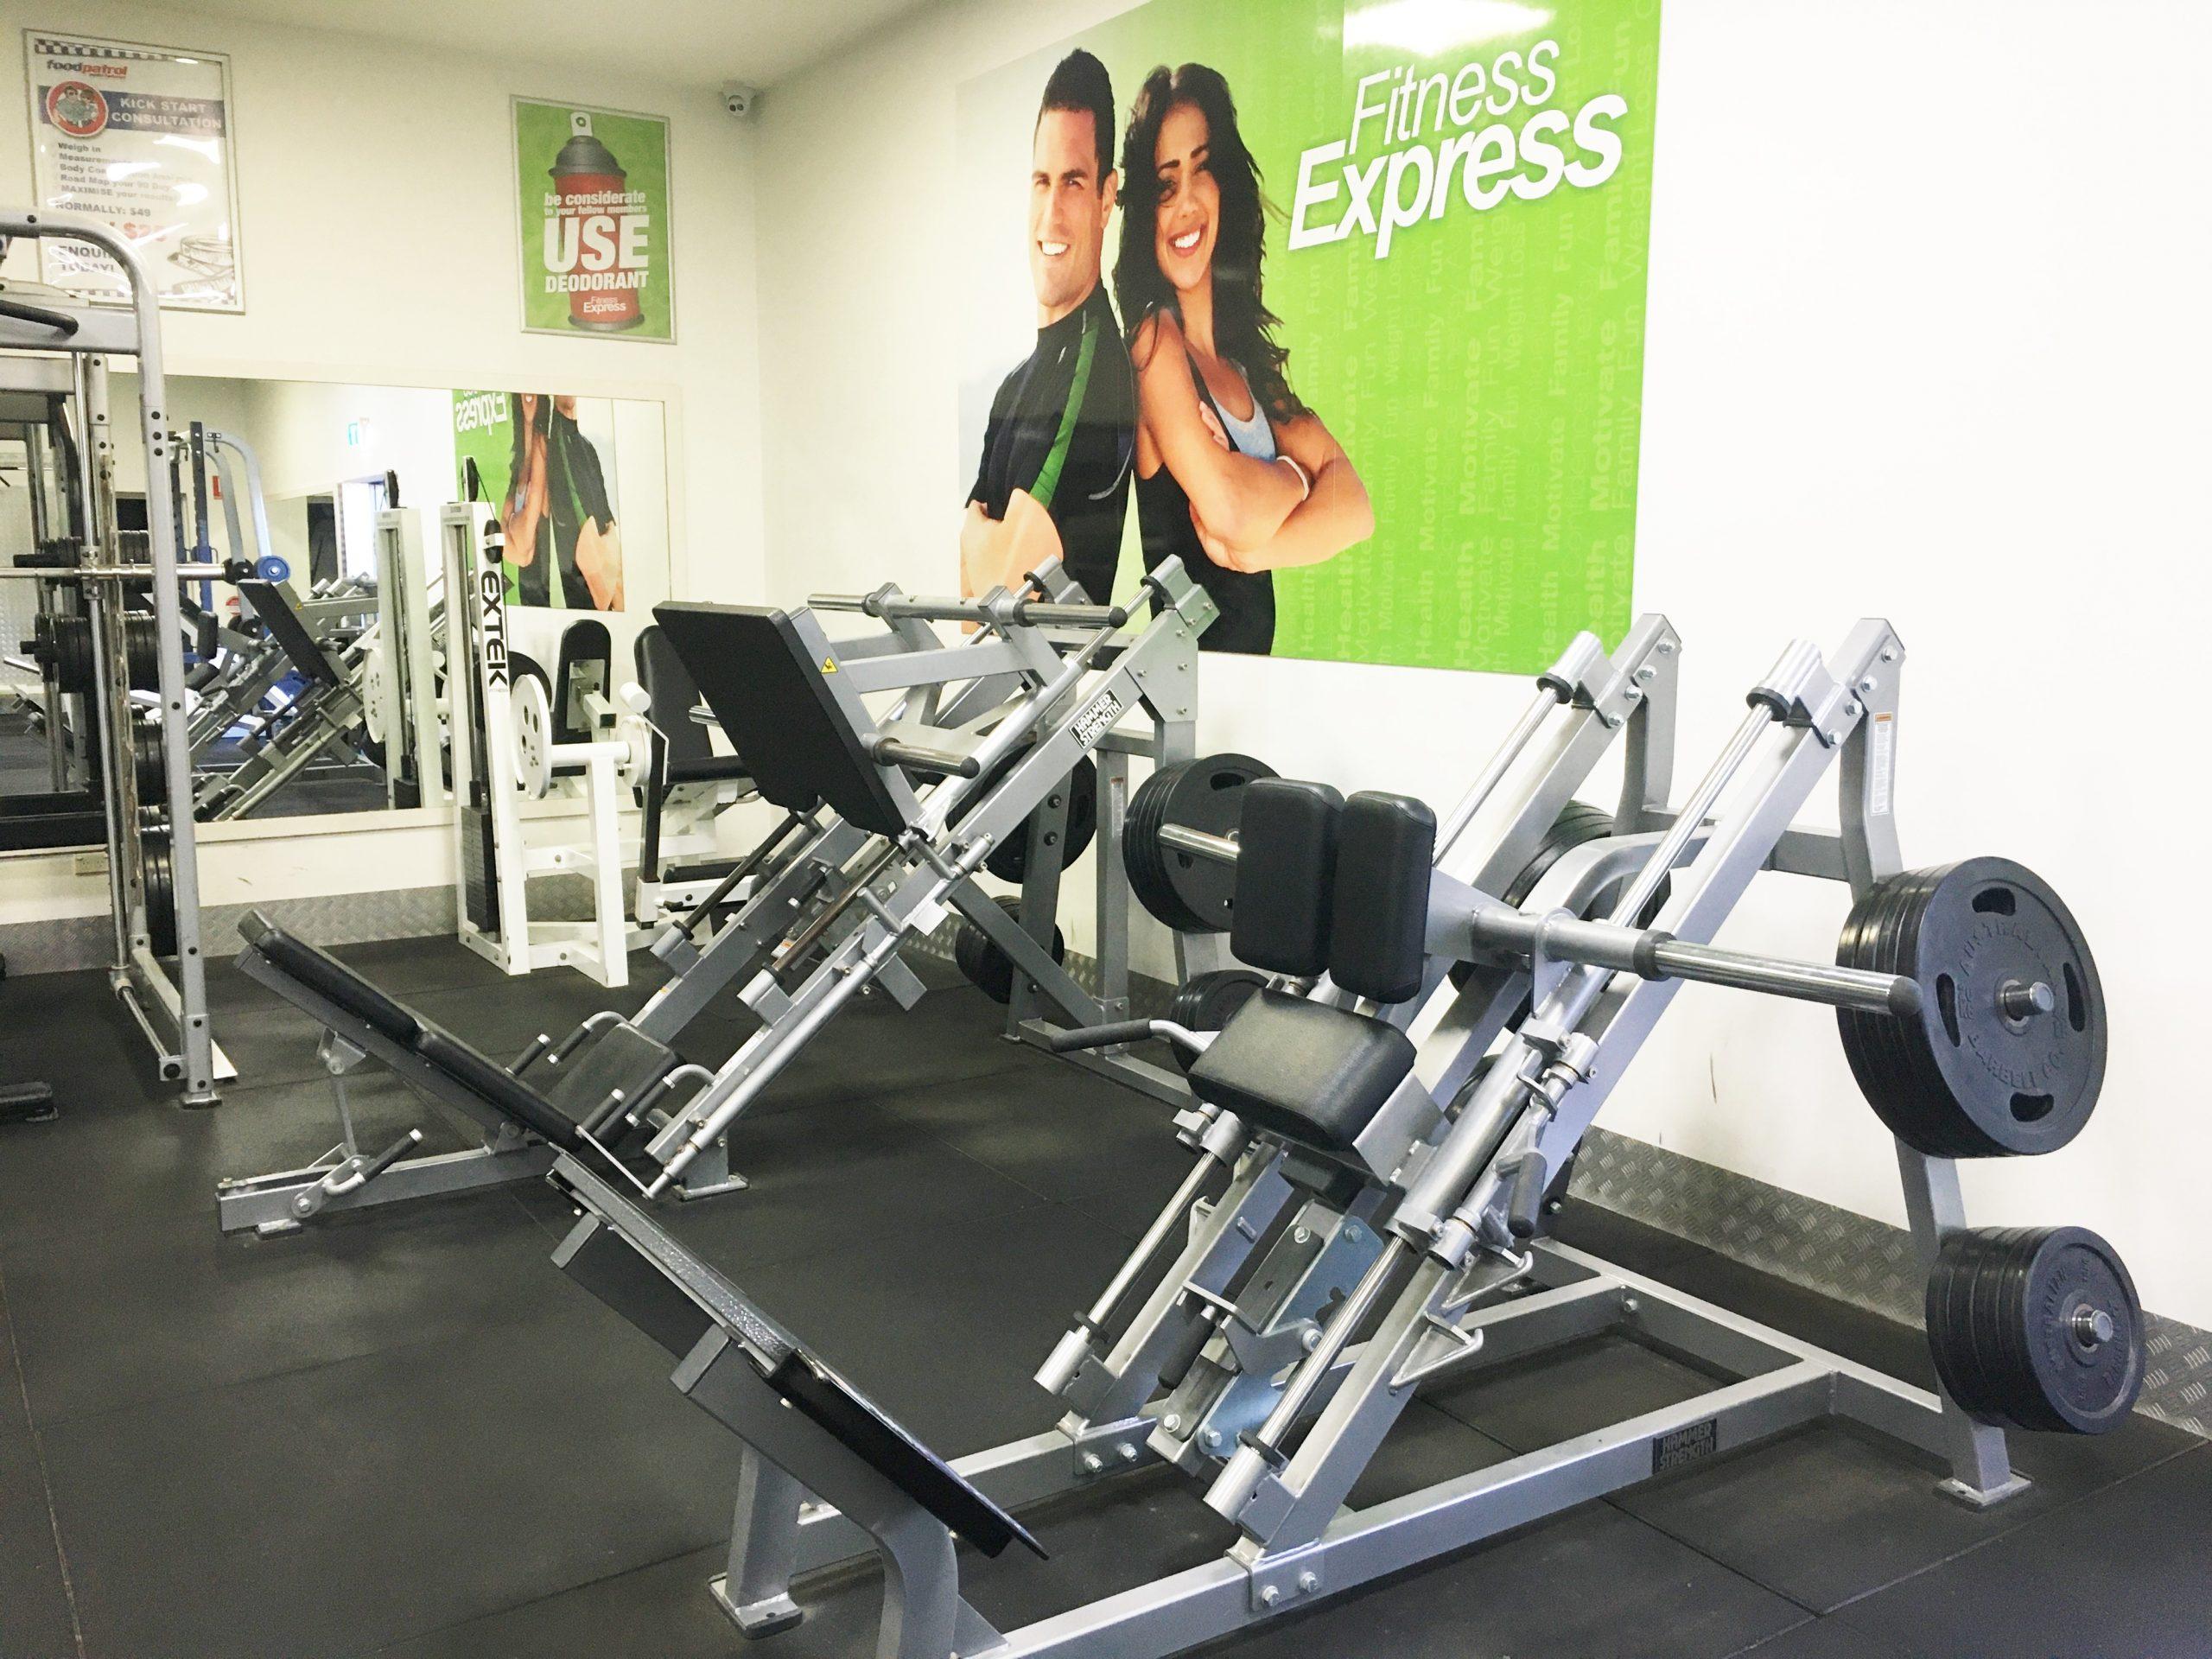 fitness express legs equipment